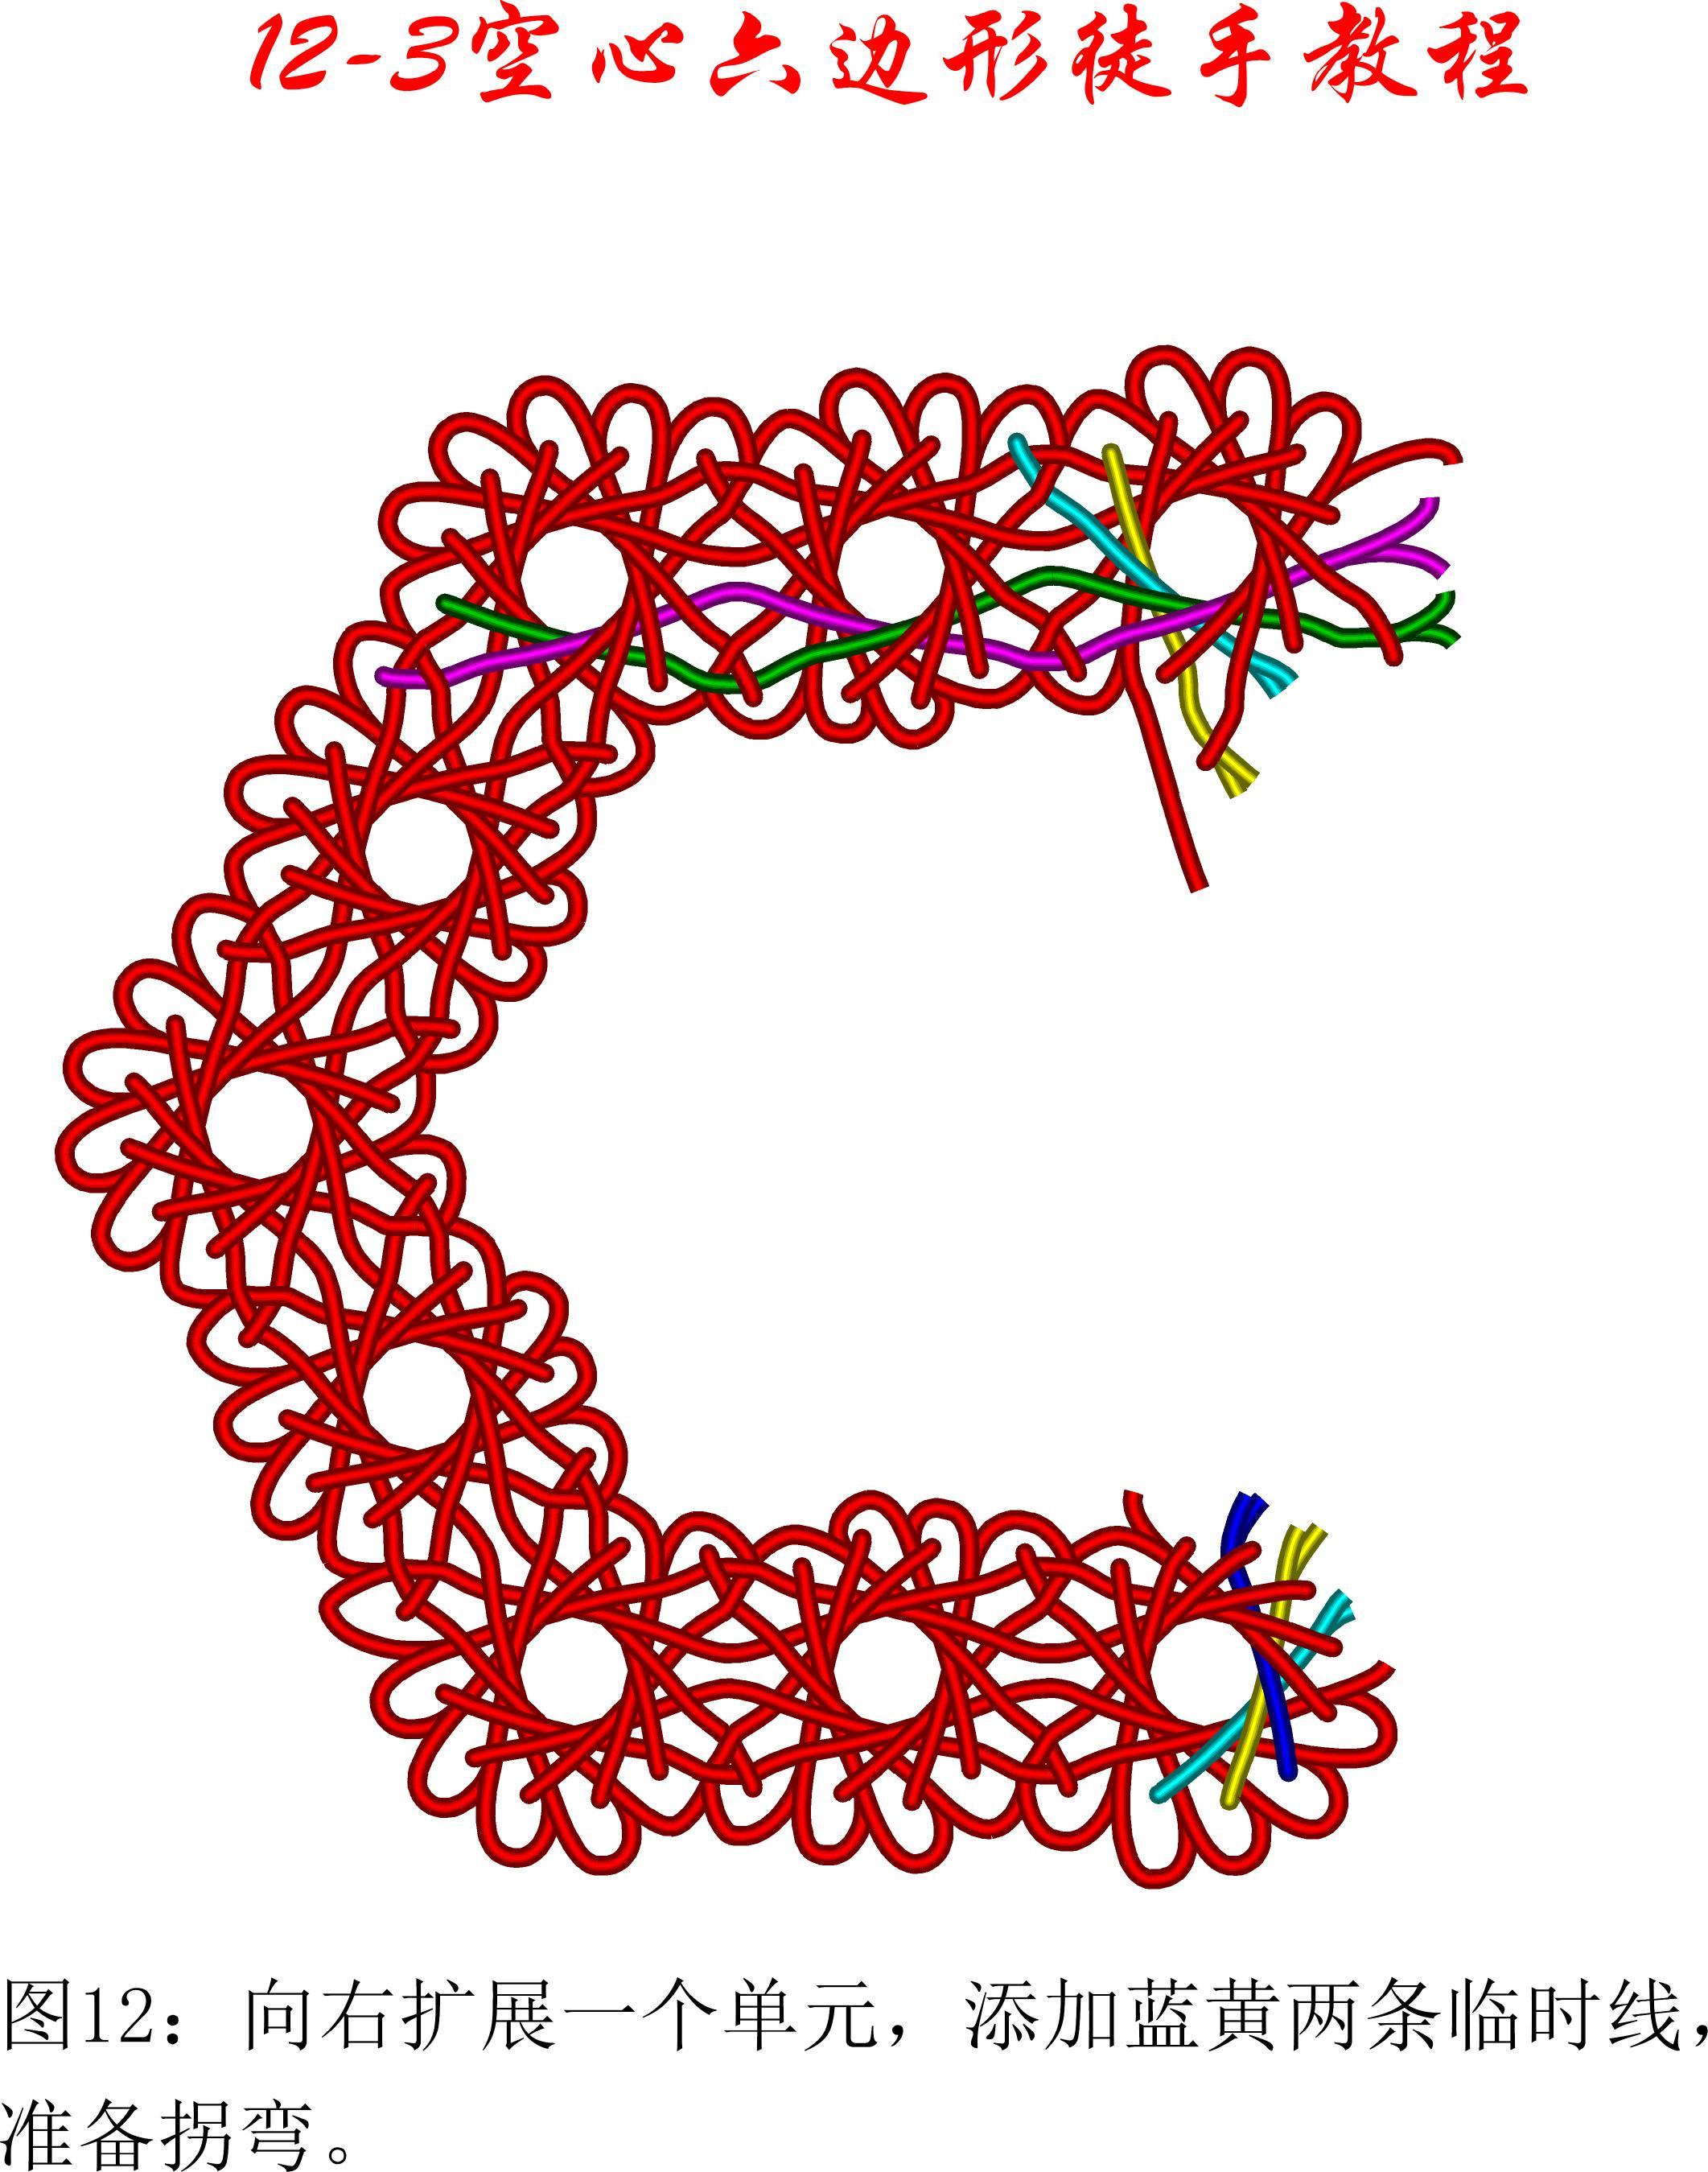 中国结论坛 12-3空心六边形盘长徒手教程 教程,六边形灯笼,六边形盒子,剪纸六边形 丑丑徒手编结 110437ibsobodlii3zisfo